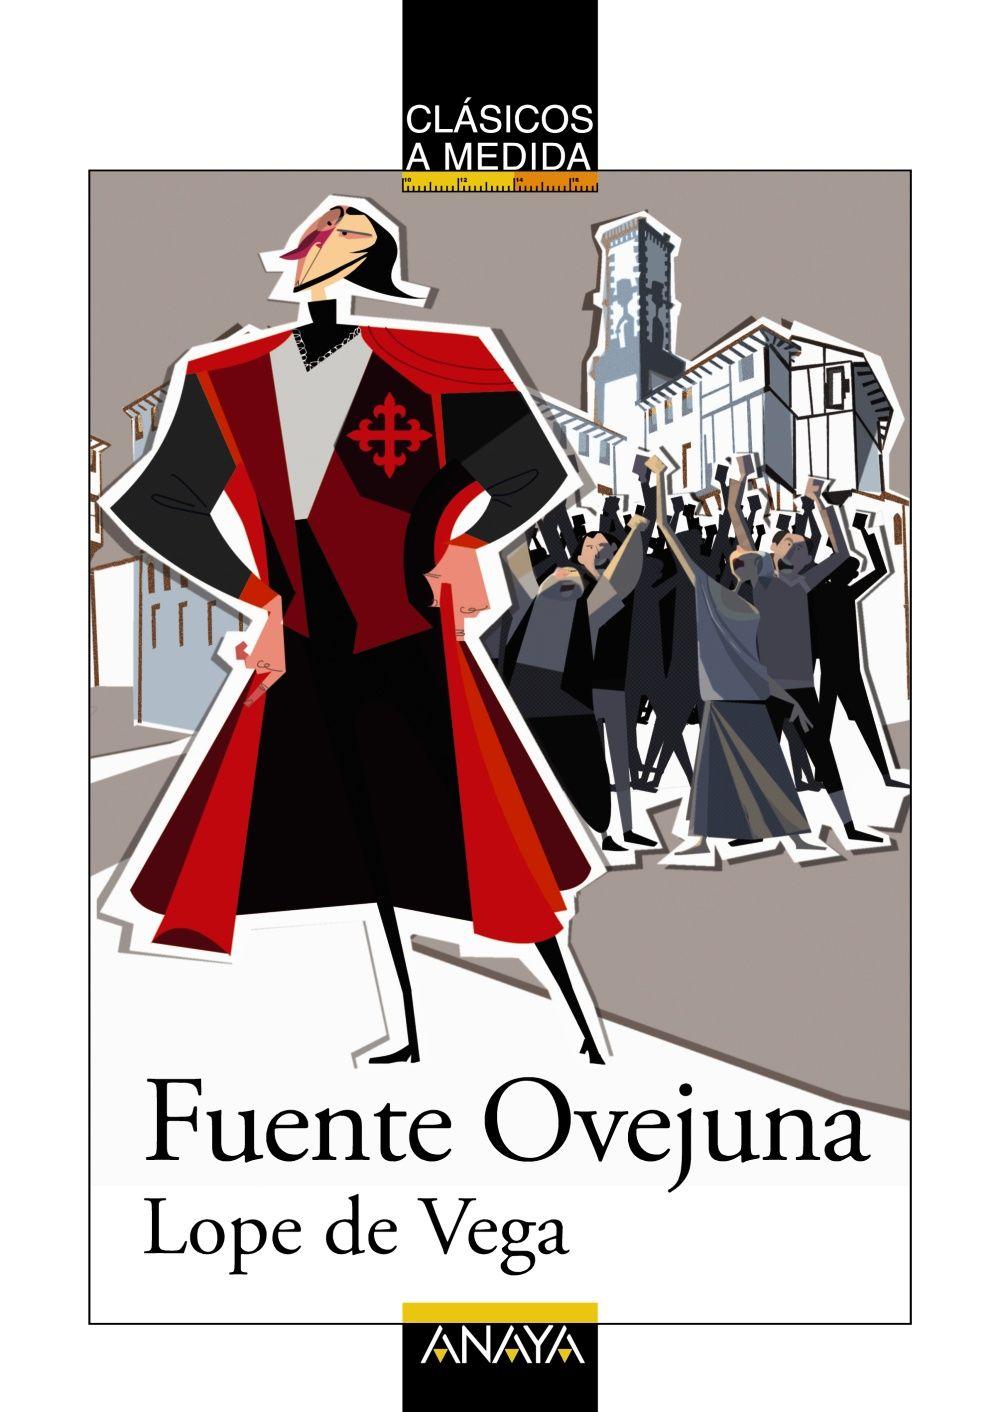 """""""Fuenteovejuna"""" es una de las obras más populares y representadas de Lope de Vega, lo que equivale a decir que es una de las más importantes de nuestro teatro clásico. En ella se plasma la historia, tan antigua como el mundo, en la que los humildes luchan contra los todopoderosos tiranos. http://www.anayainfantilyjuvenil.com/core.php?opcion=ficha&codigo_comercial=1510031 http://rabel.jcyl.es/cgi-bin/abnetopac?SUBC=BPSO&ACC=DOSEARCH&xsqf99=1749528"""